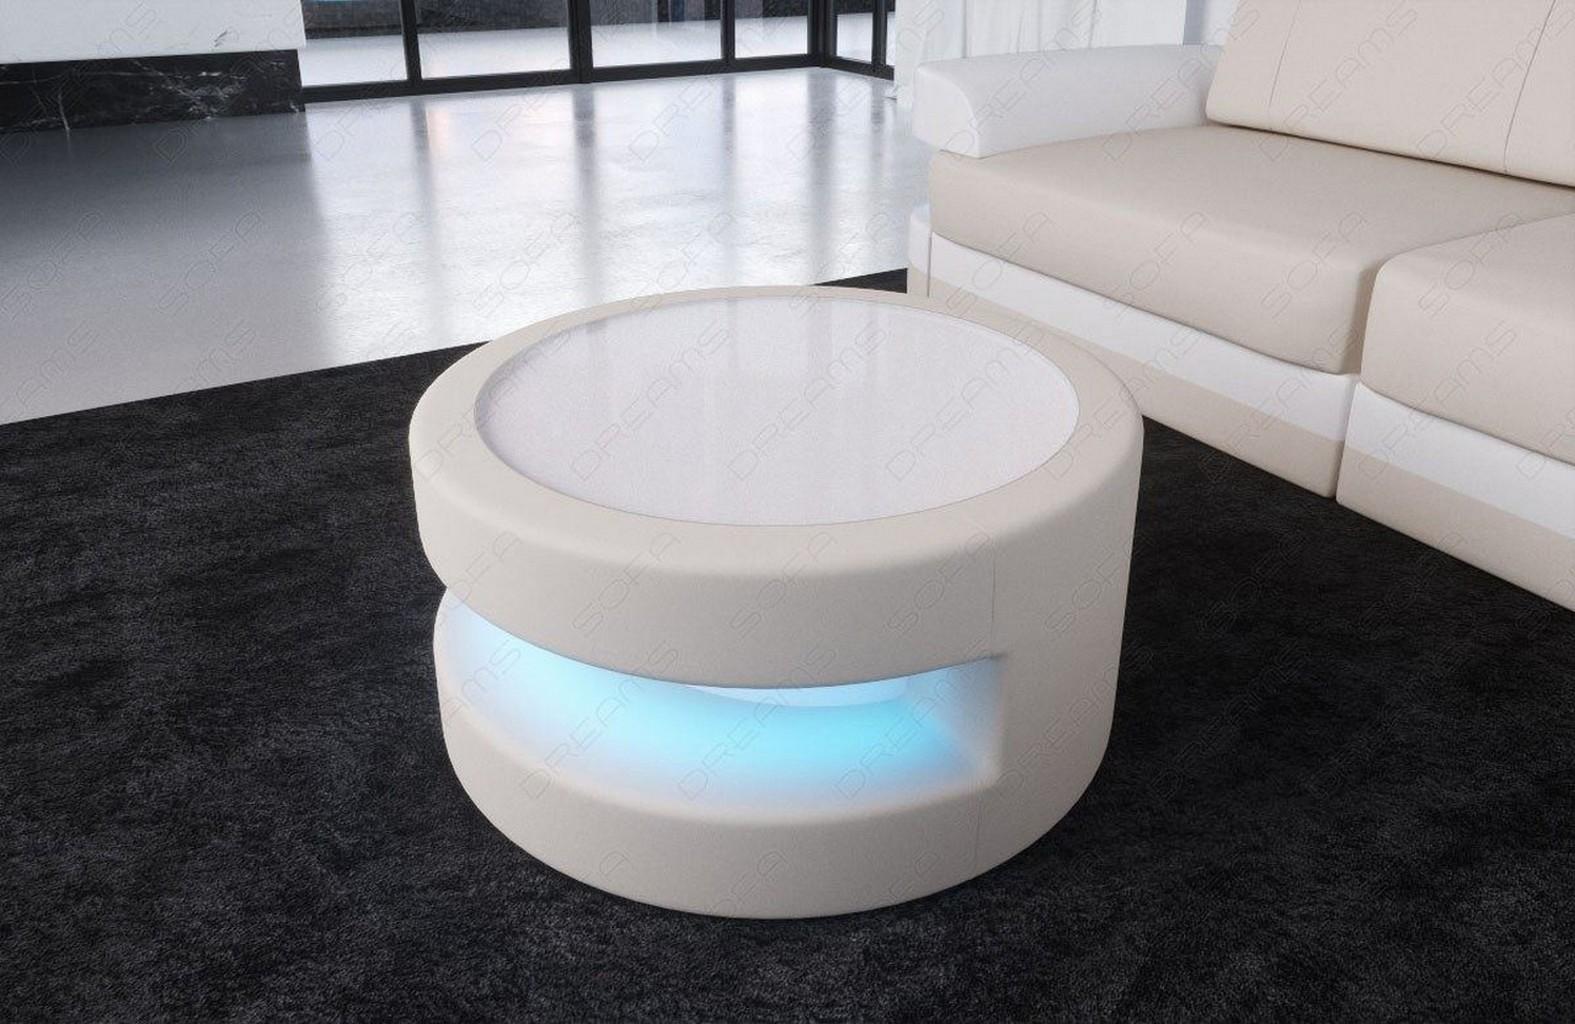 runder couchtisch beistelltisch stoff modena led beleuchtung glasplatte tisch ebay. Black Bedroom Furniture Sets. Home Design Ideas